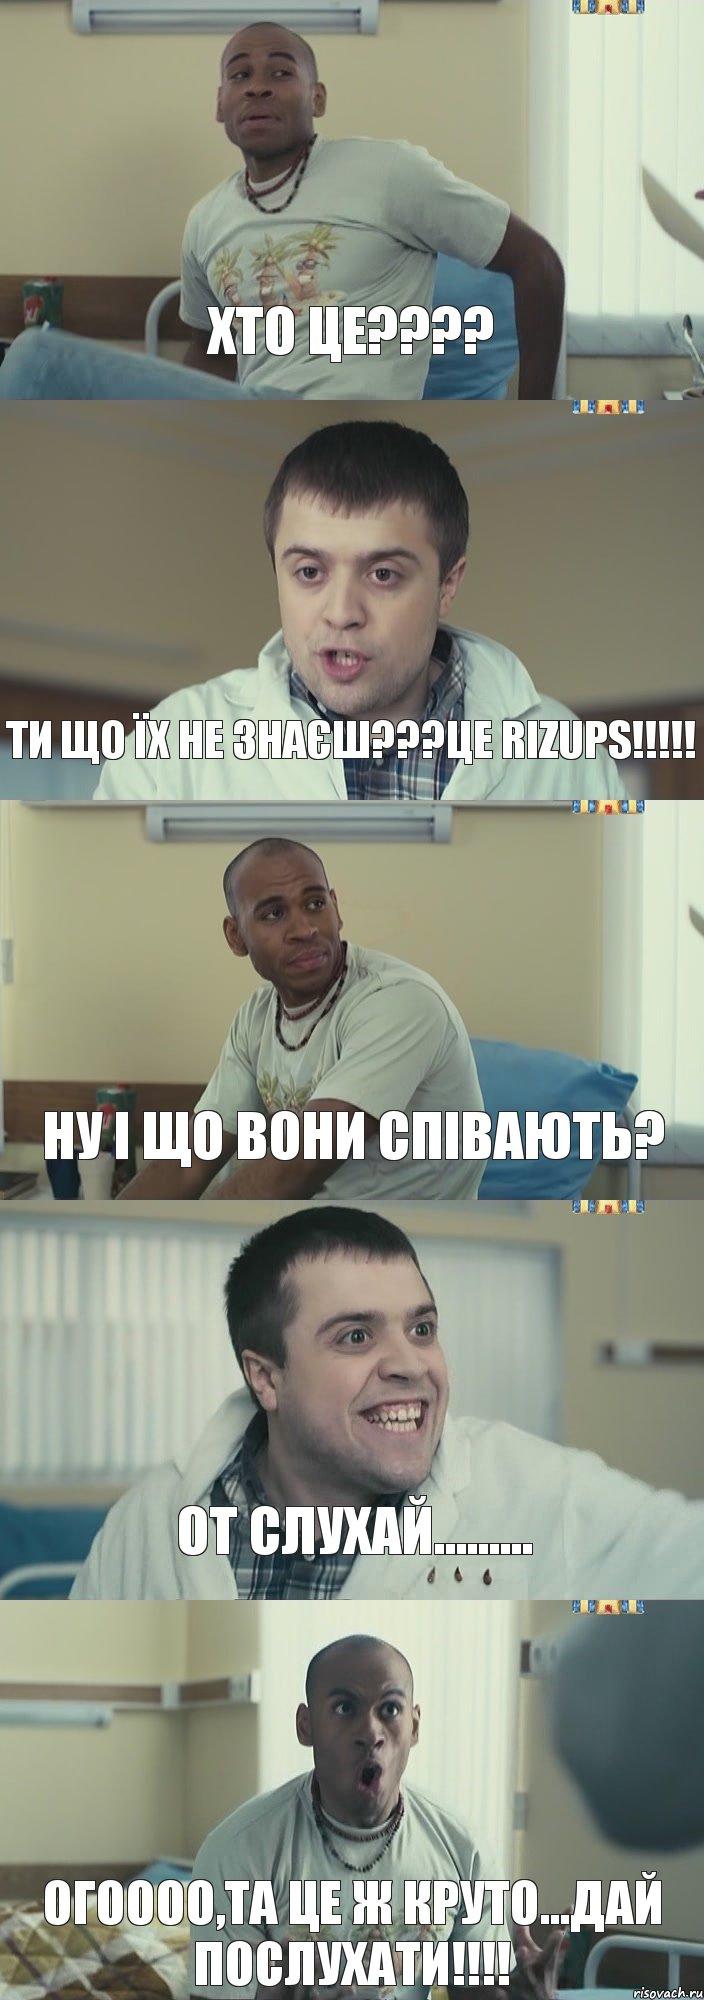 Украинские журналисти голі смотреть онлайн і їх пизди 18 фотография